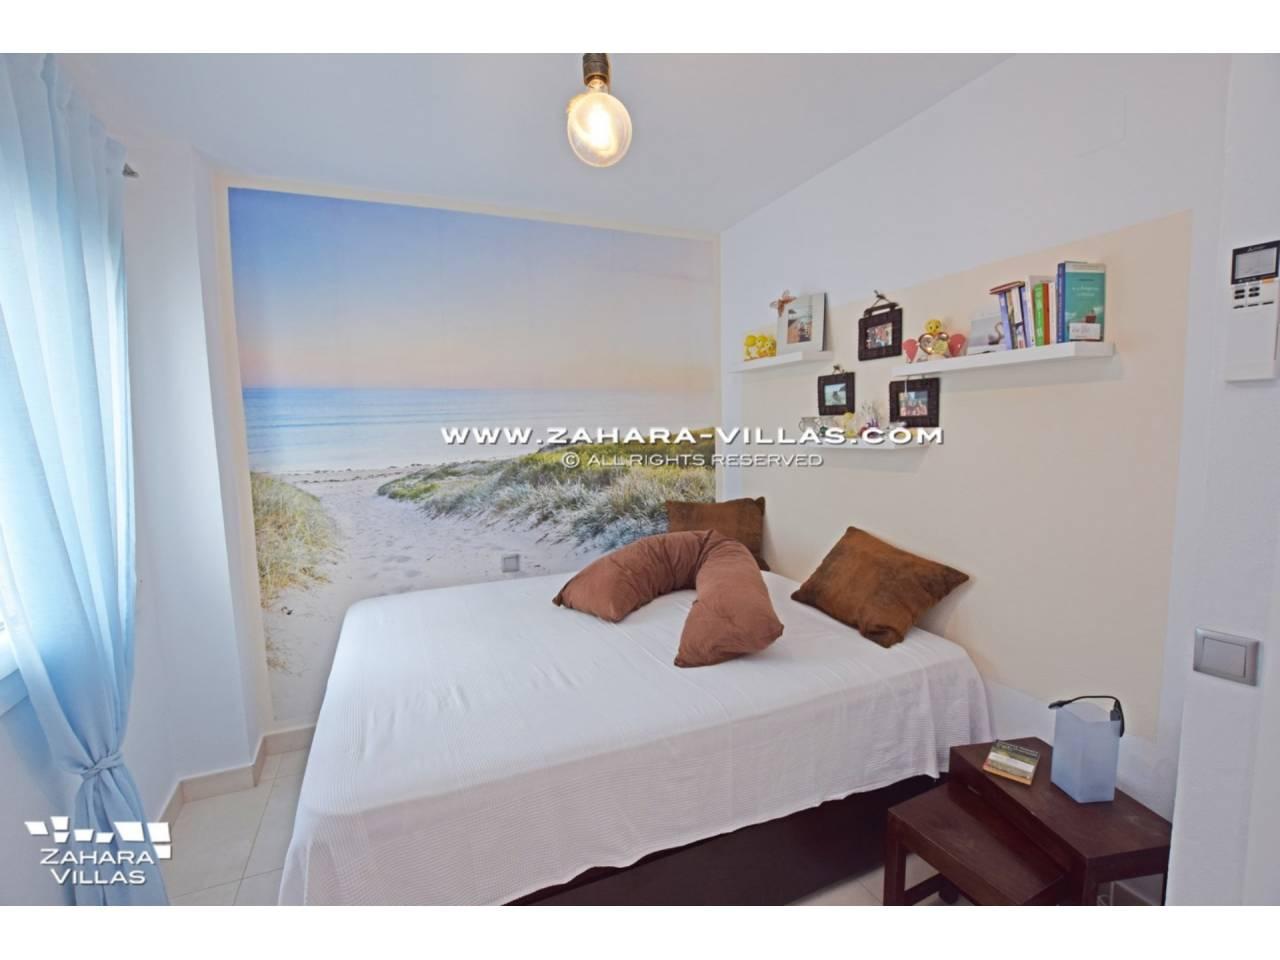 Imagen 23 de Penthouse appartment reformed for sale in Costa de la Luz